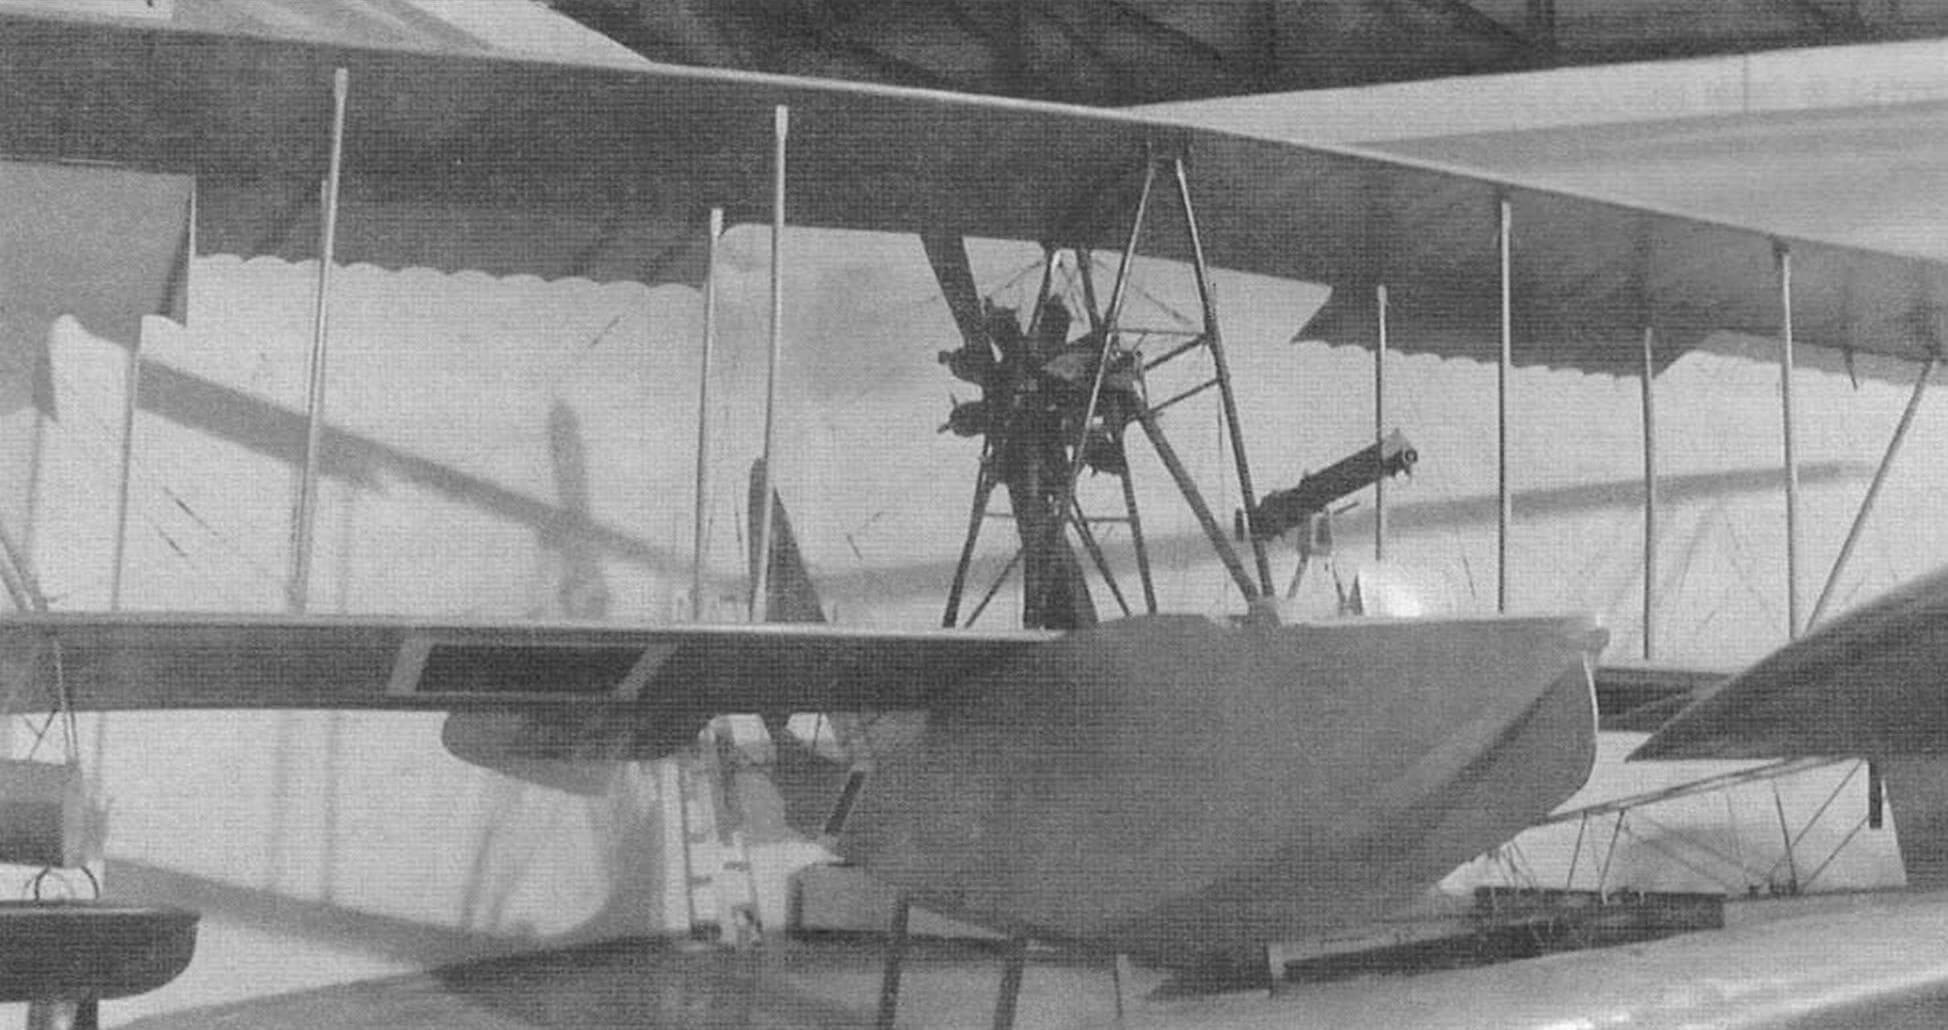 Летающая лодка М-5 конструкции Д.П. Григоровича. Обратите внимание, что на самолет нанесены турецкие опознавательные знаки